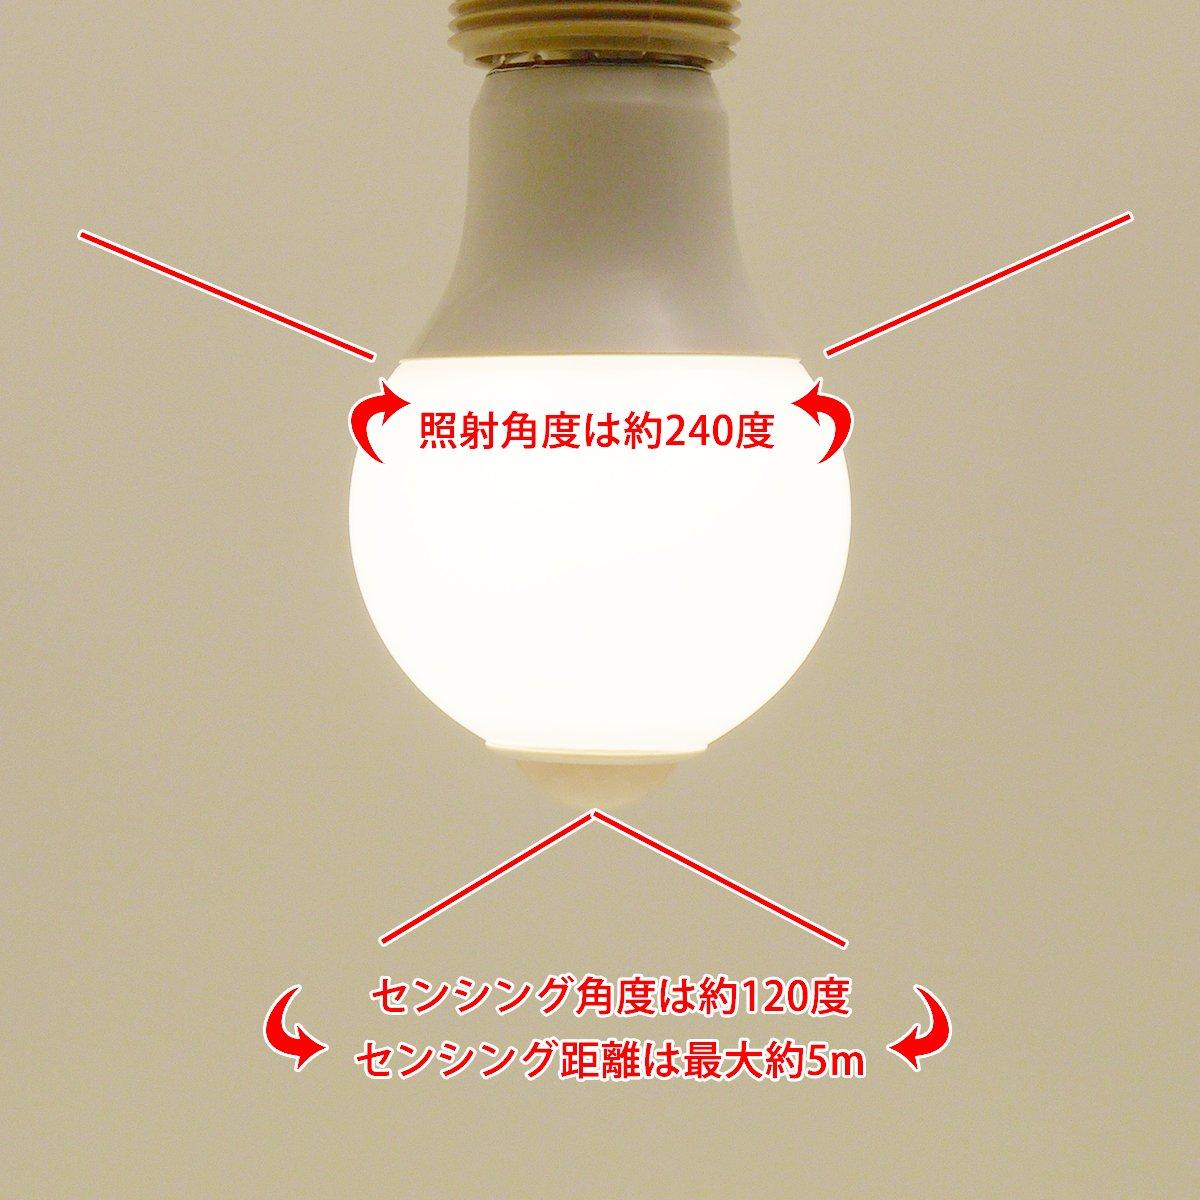 照明の角度